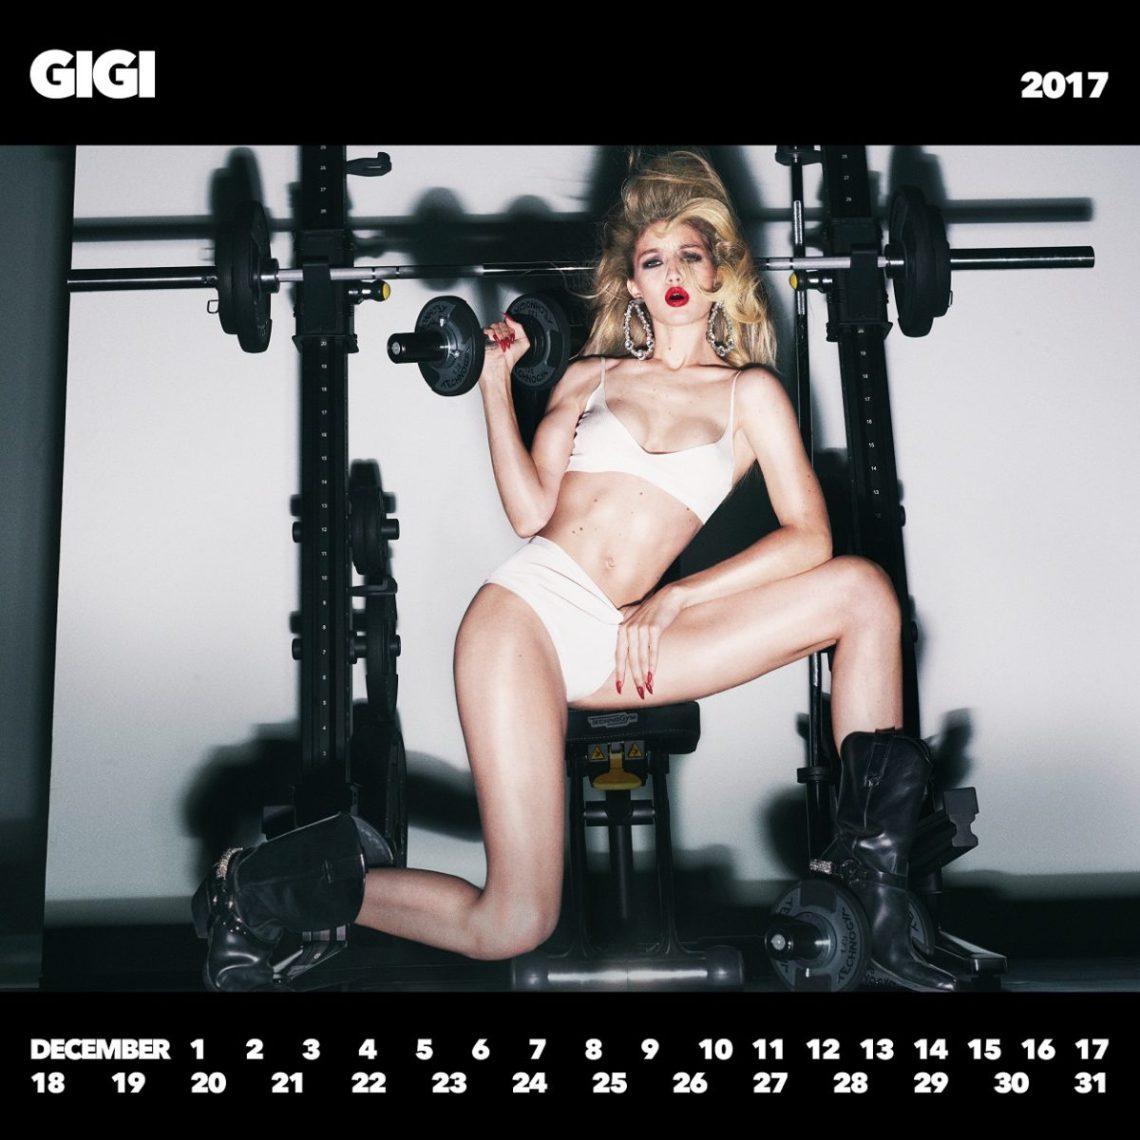 CR Girls 2018 with Technogym Gigi Hadid